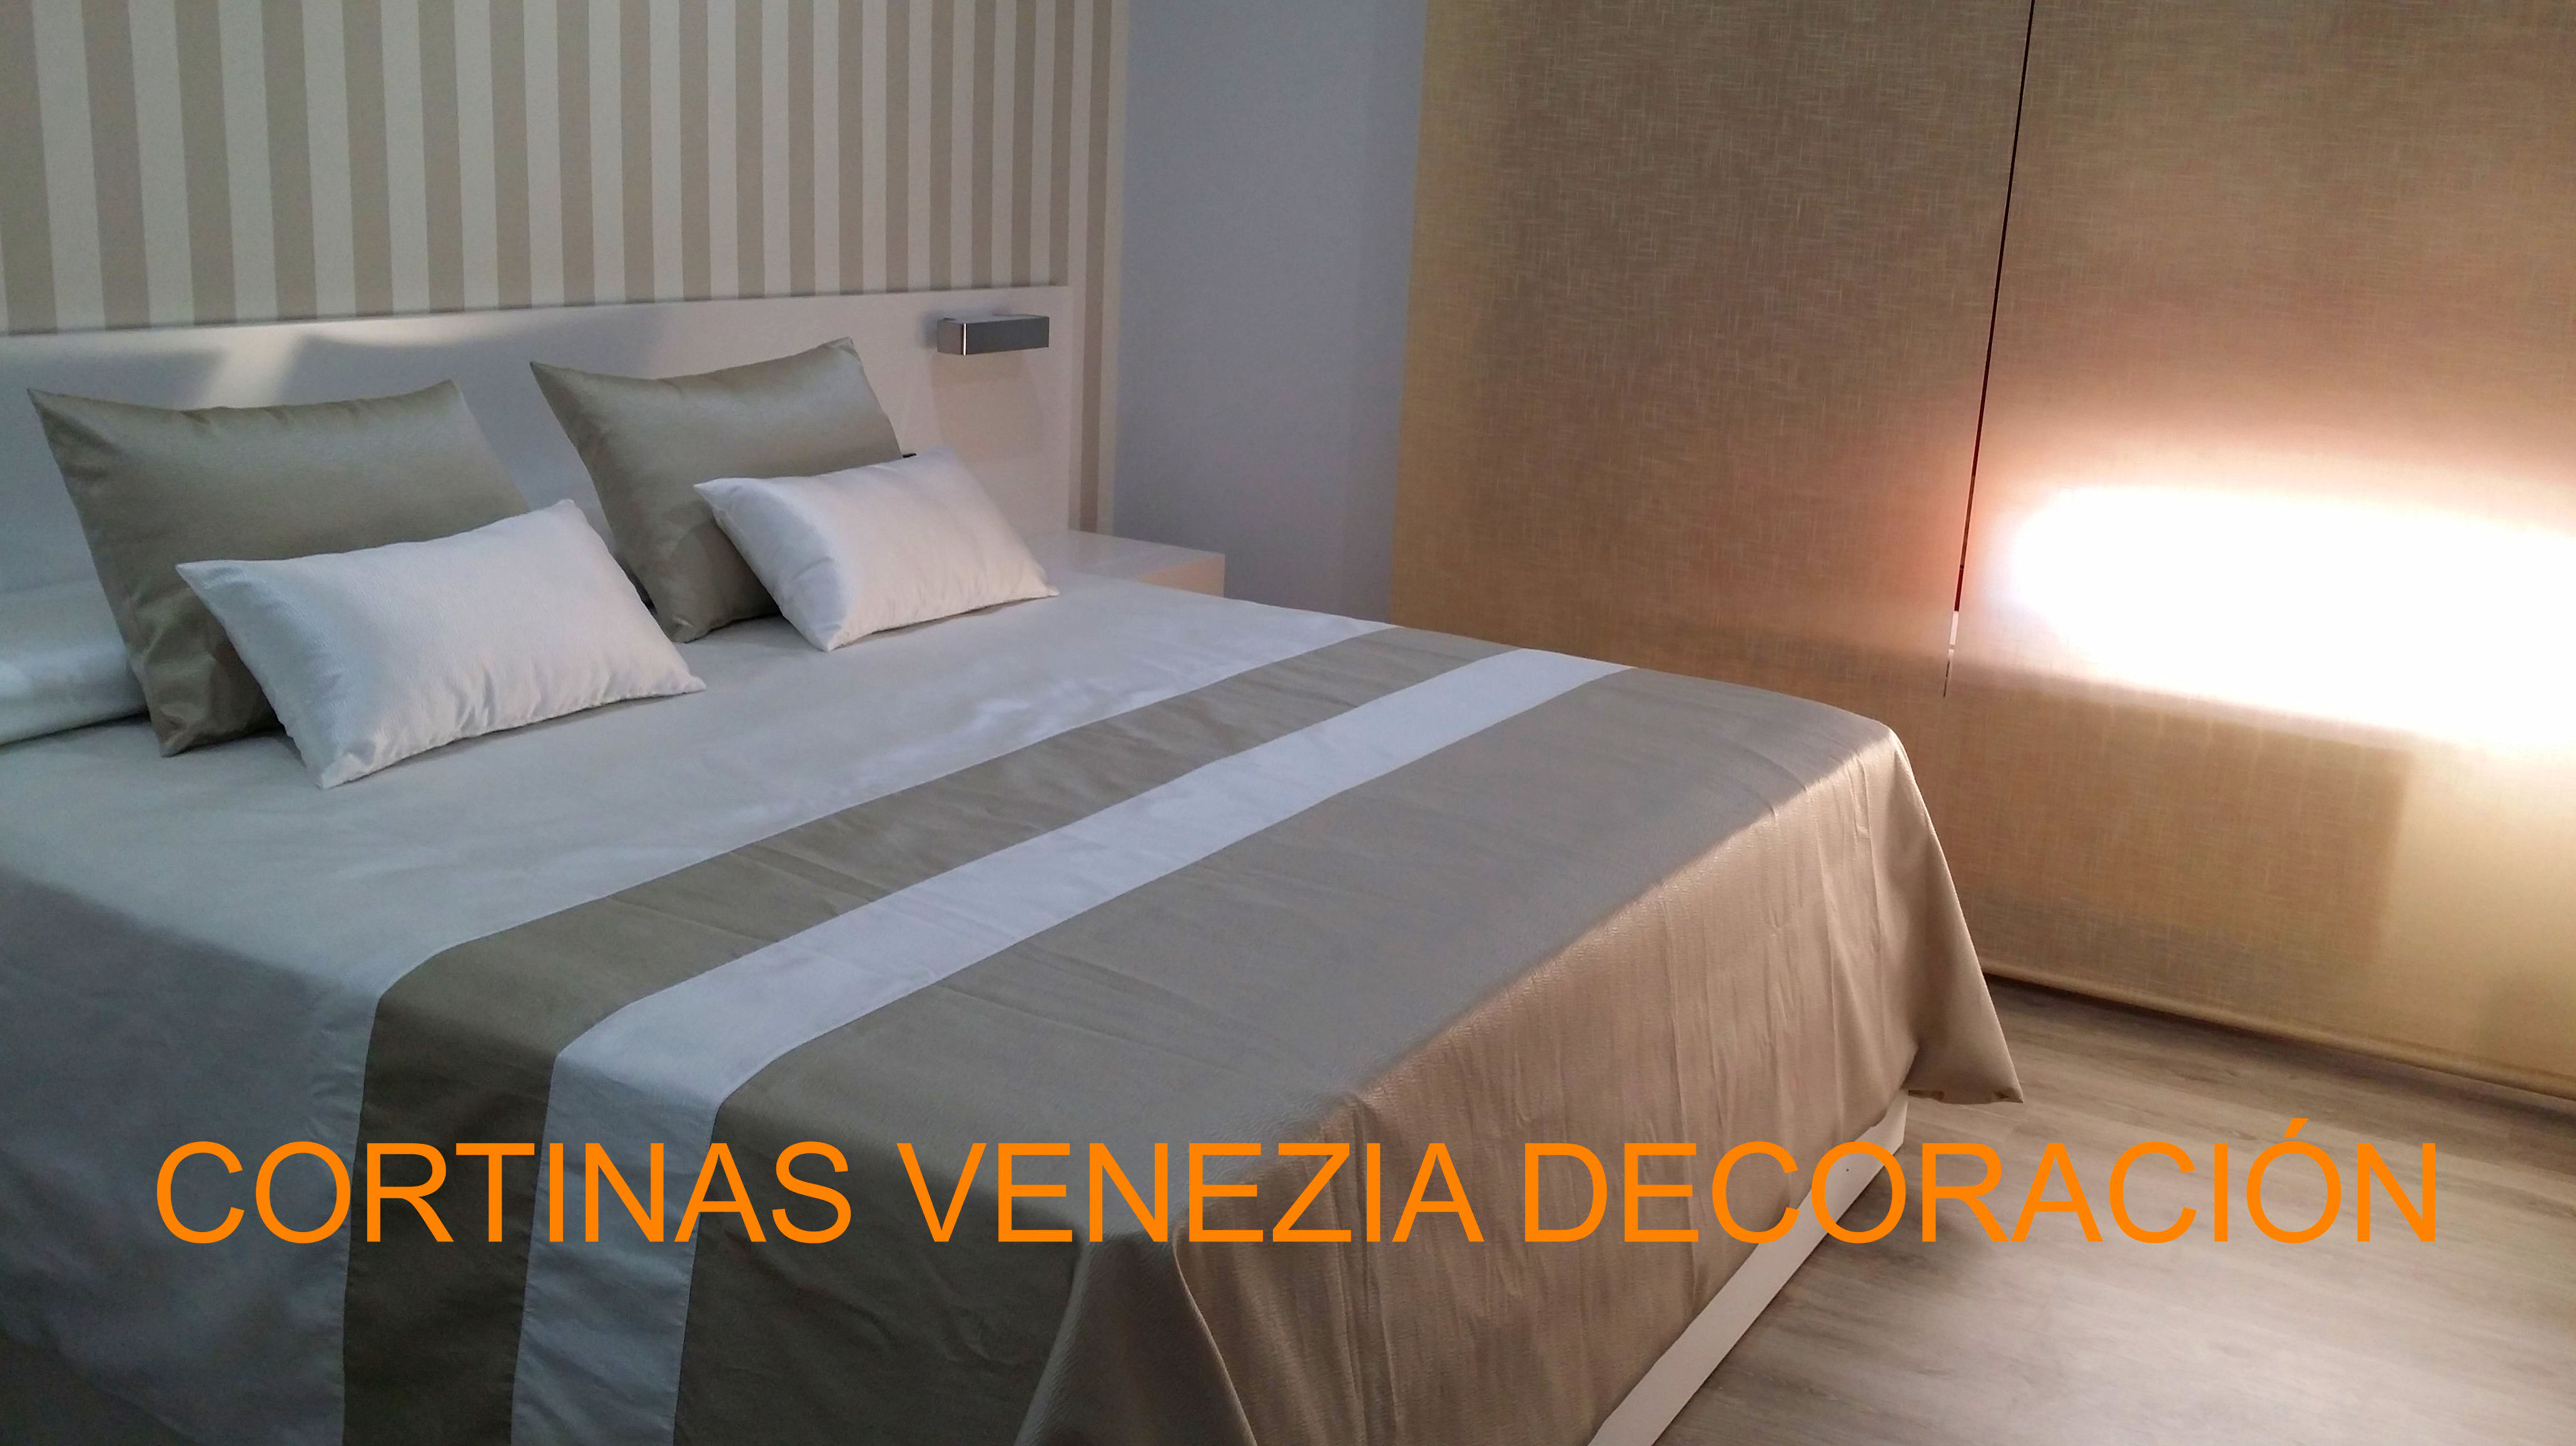 Foto 150 de Cortinas en Albacete | Venezia Decoración